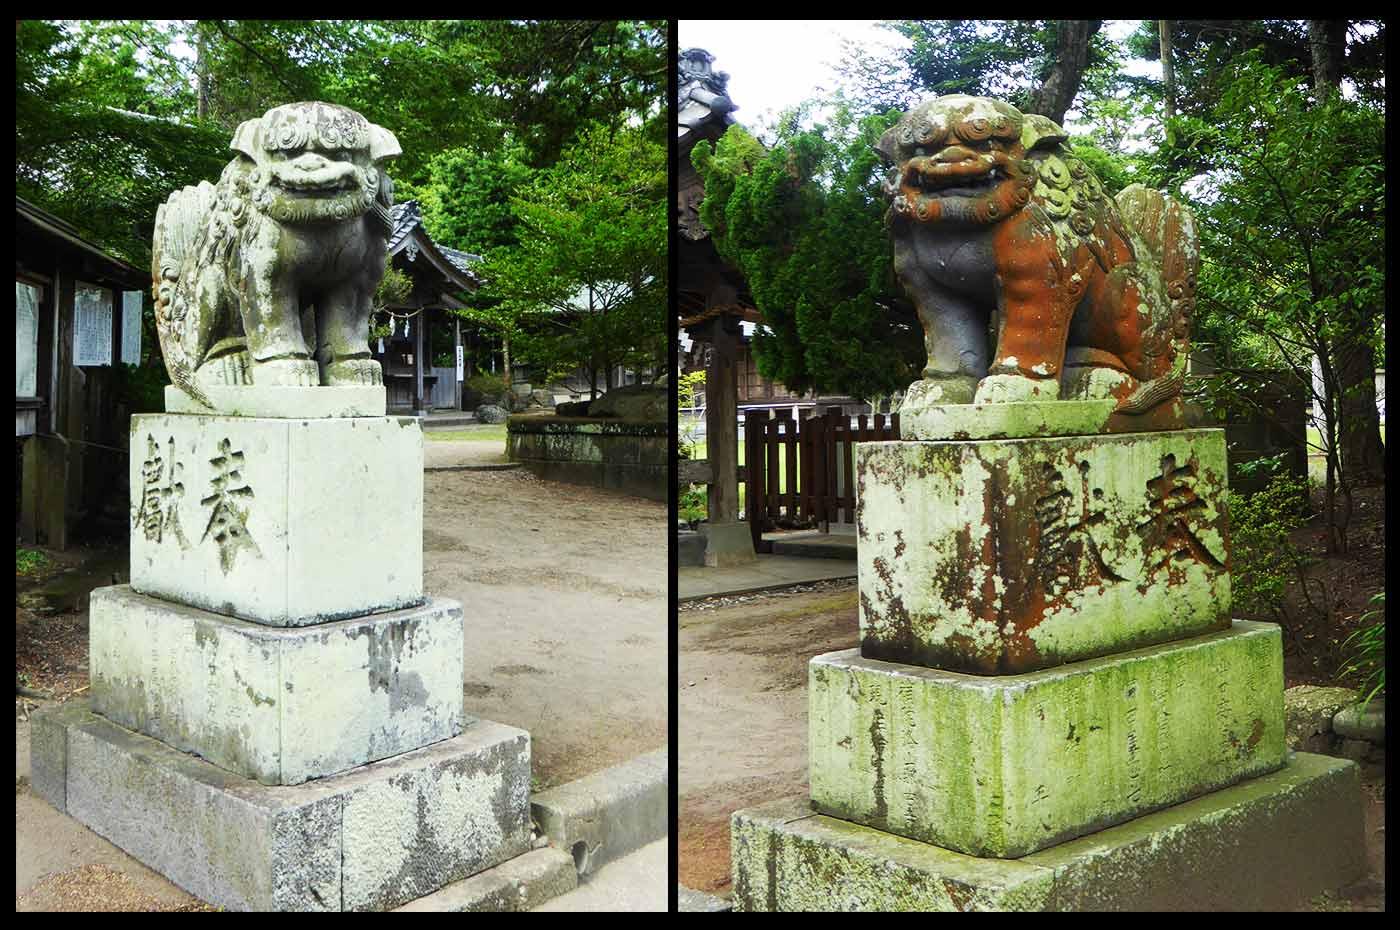 鶴谷八幡宮の狛犬の画像